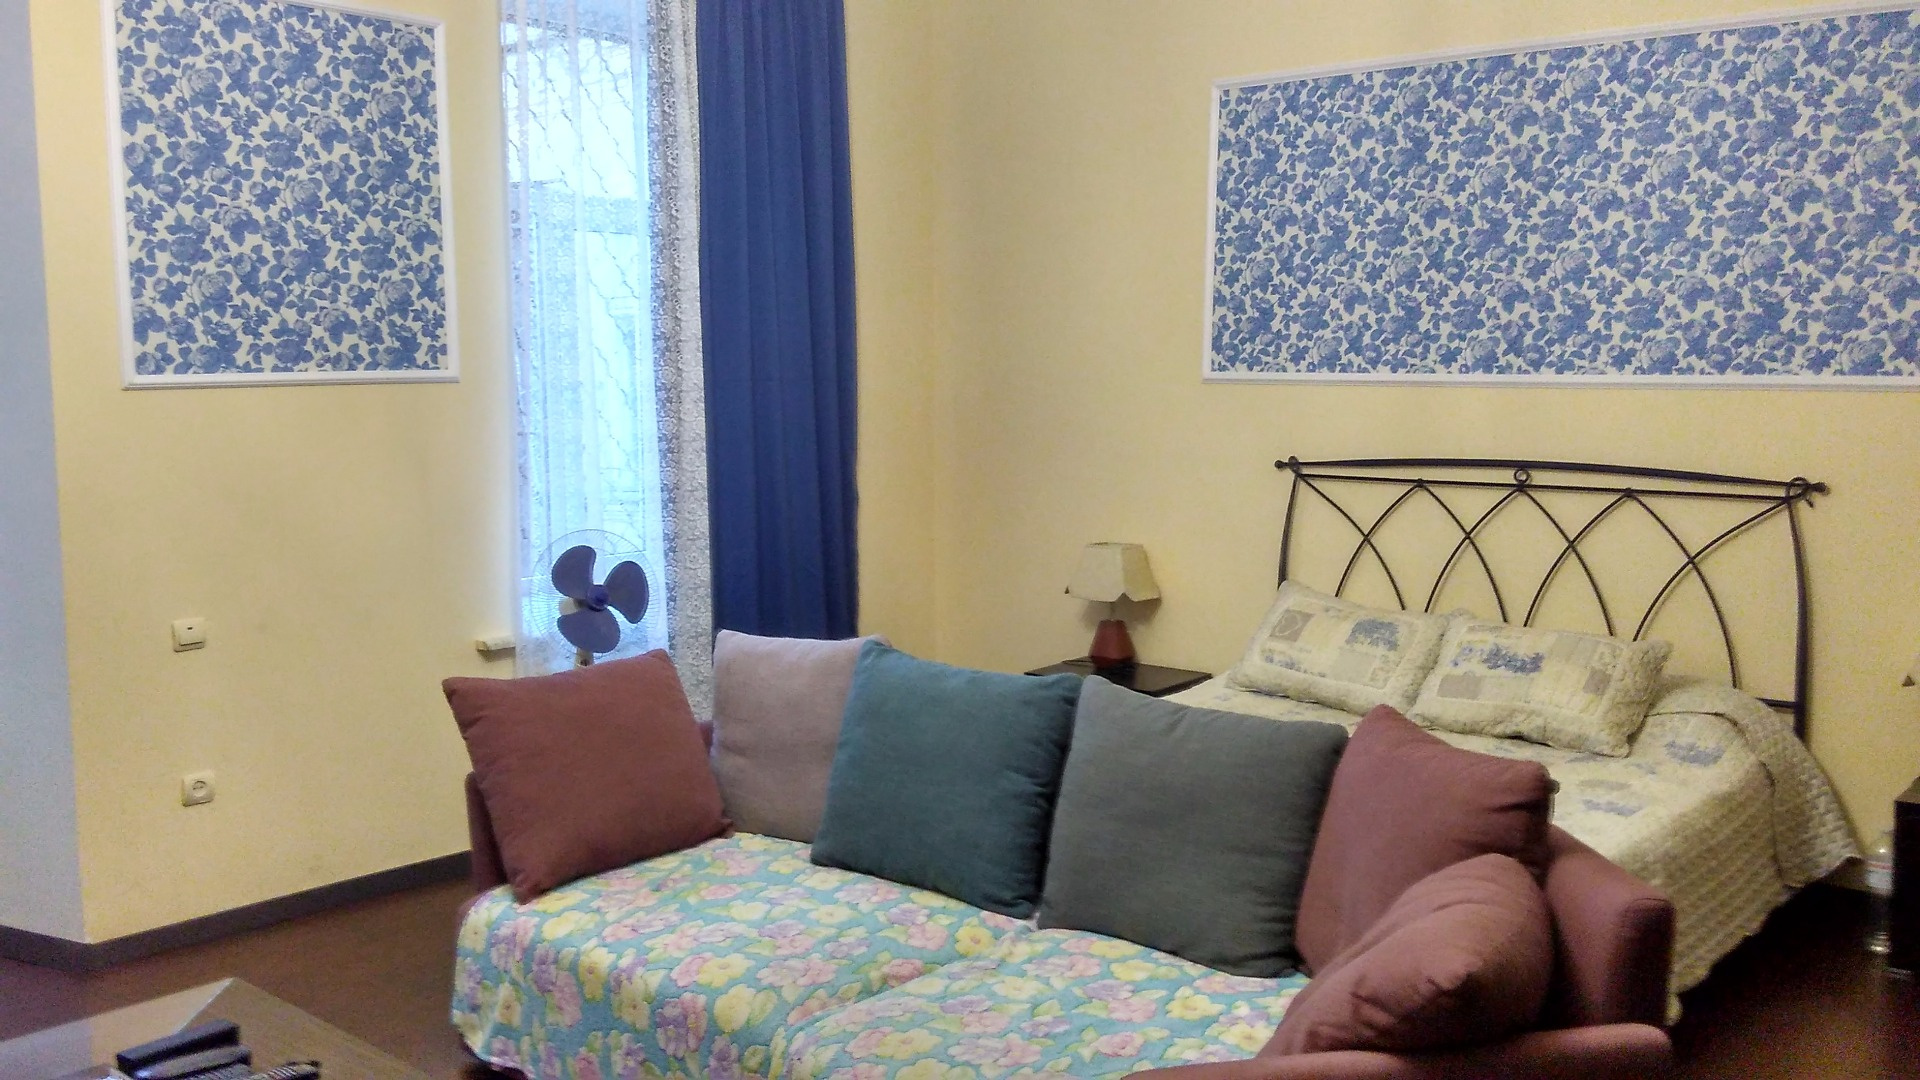 Продается 3-комнатная квартира на ул. Малая Арнаутская (Воровского) — 130 000 у.е. (фото №21)